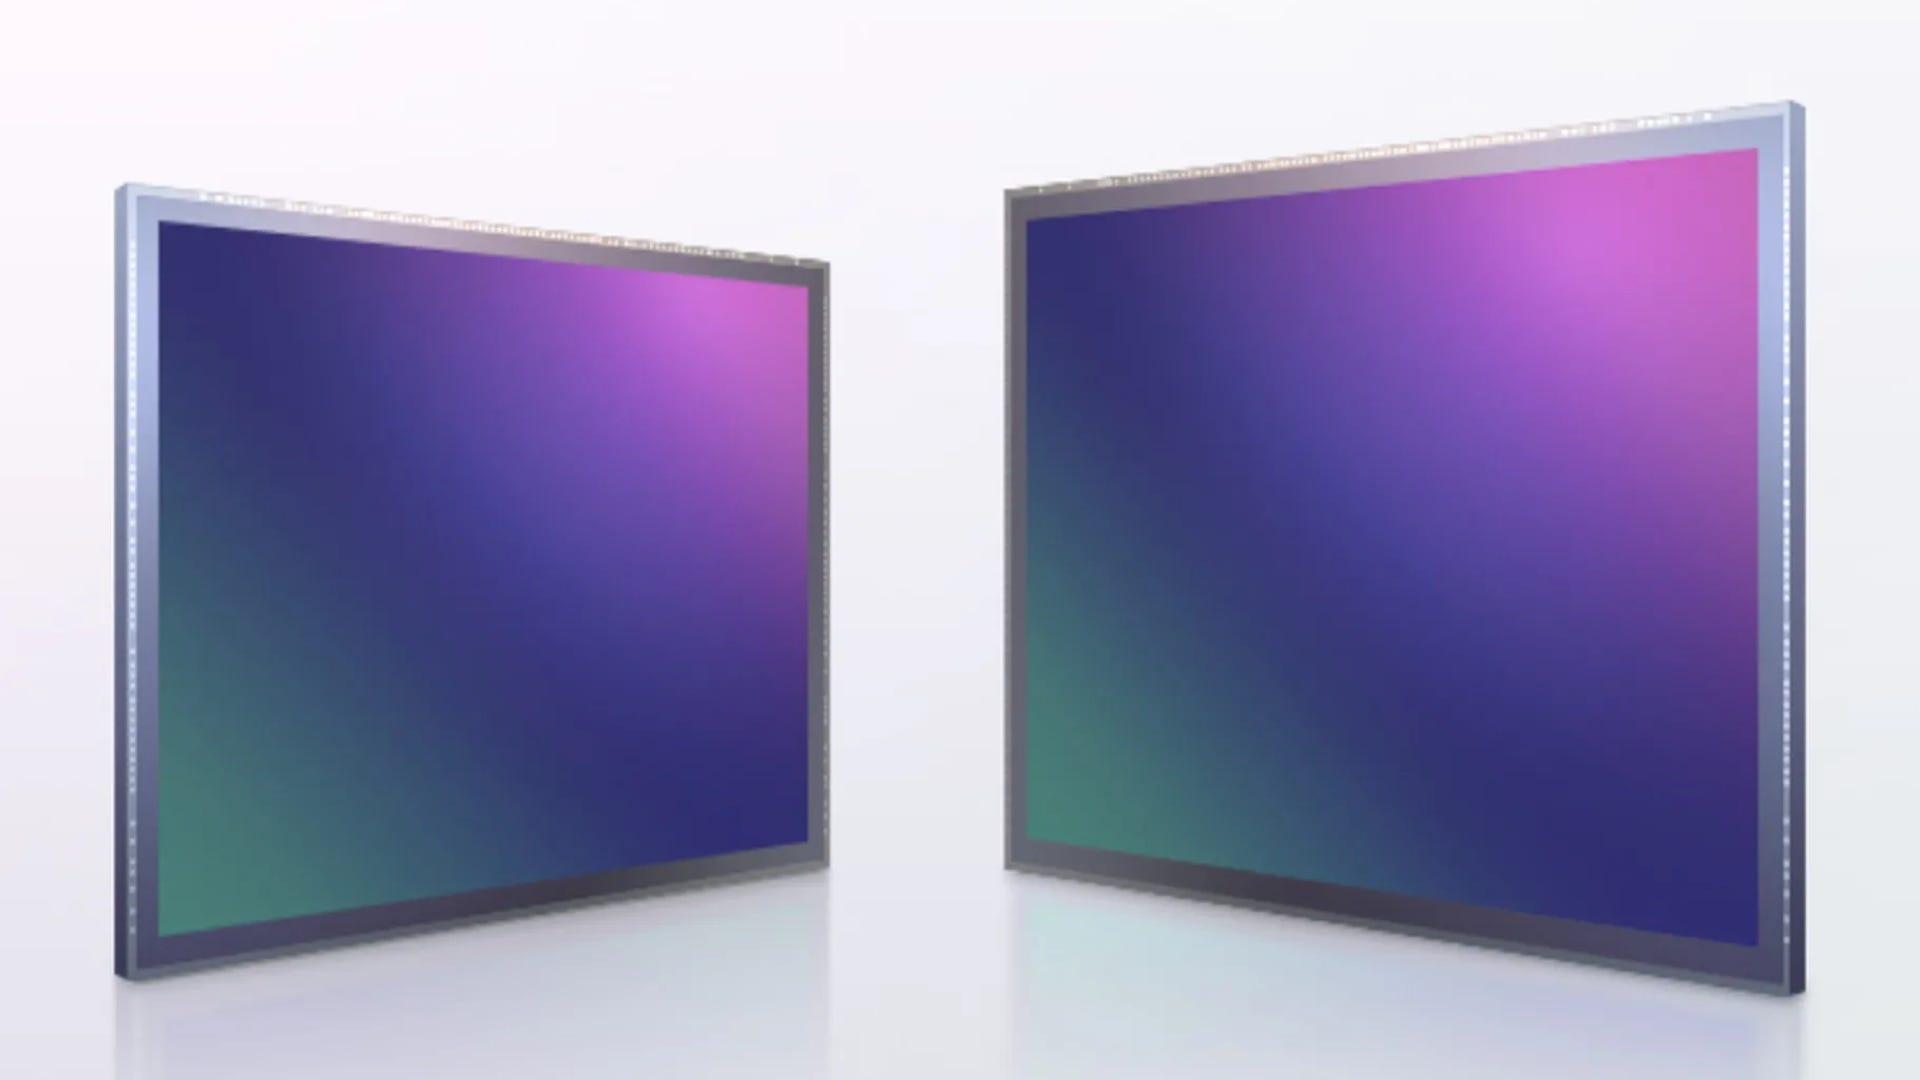 Samsung smartphone camera sensors